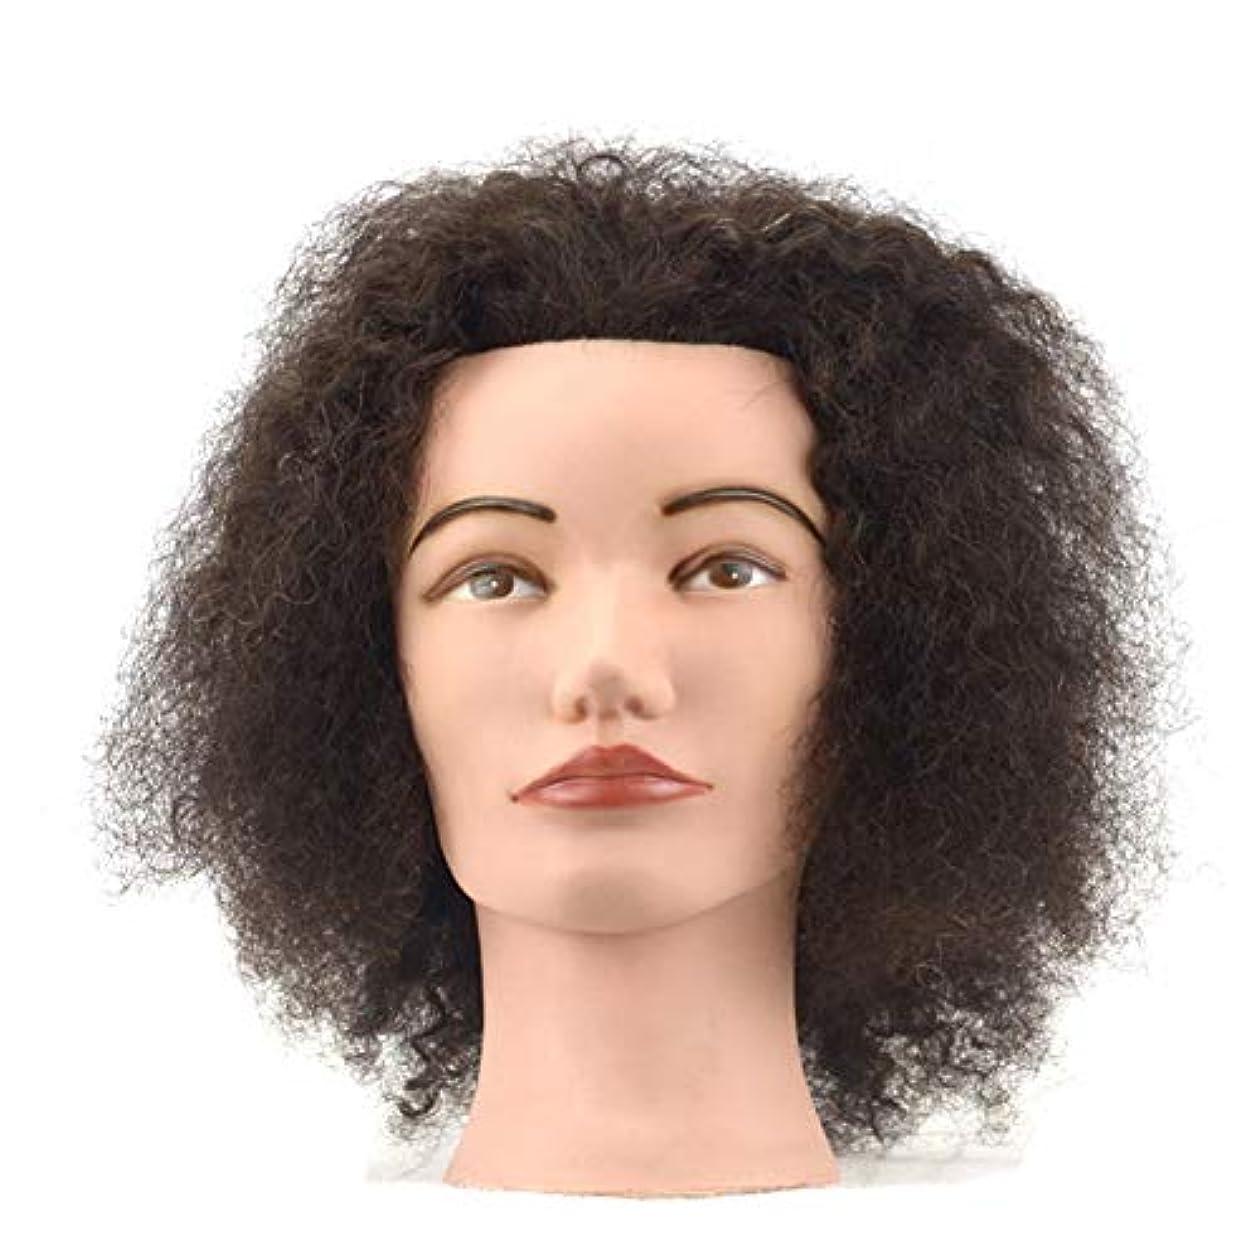 自分のために逆説副産物ナチュラルブラック爆発カーリーヘッド型リアル人間の髪の毛トレーニングモデルヘッド編組編組演習ダミーヘッド